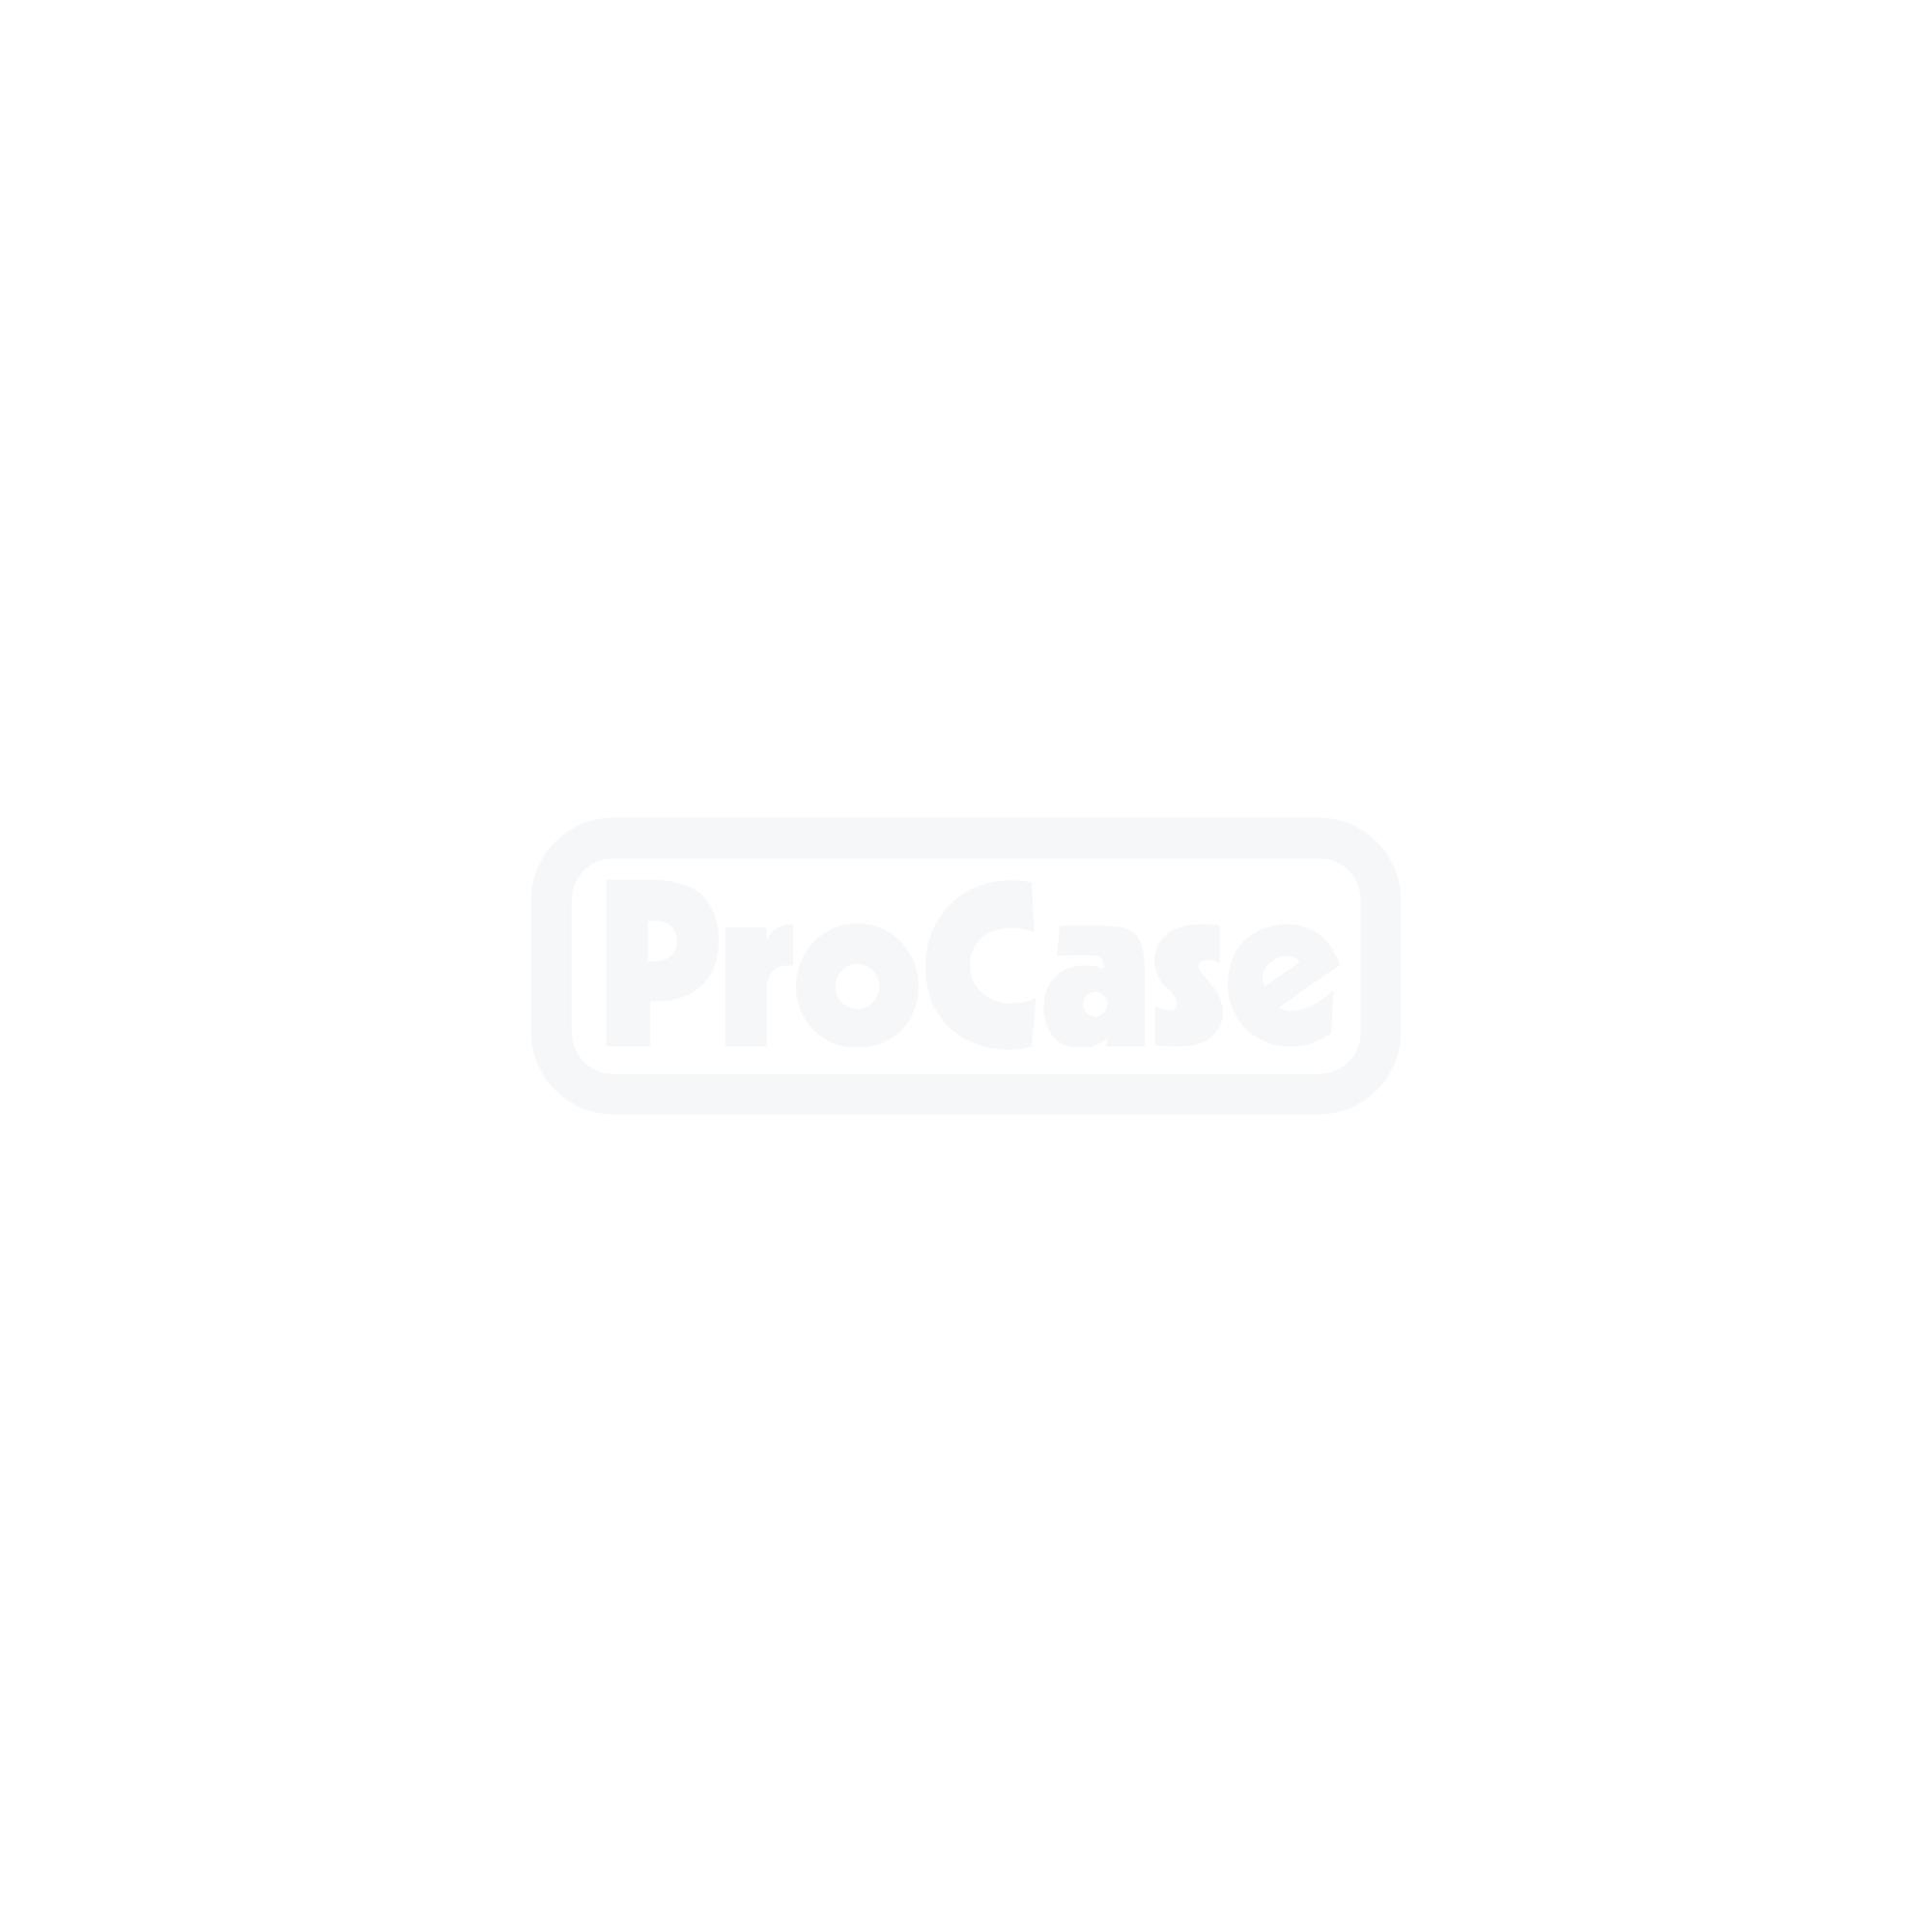 Flightcaes für Eiki LC-HDT1000 oder LC-X800 2